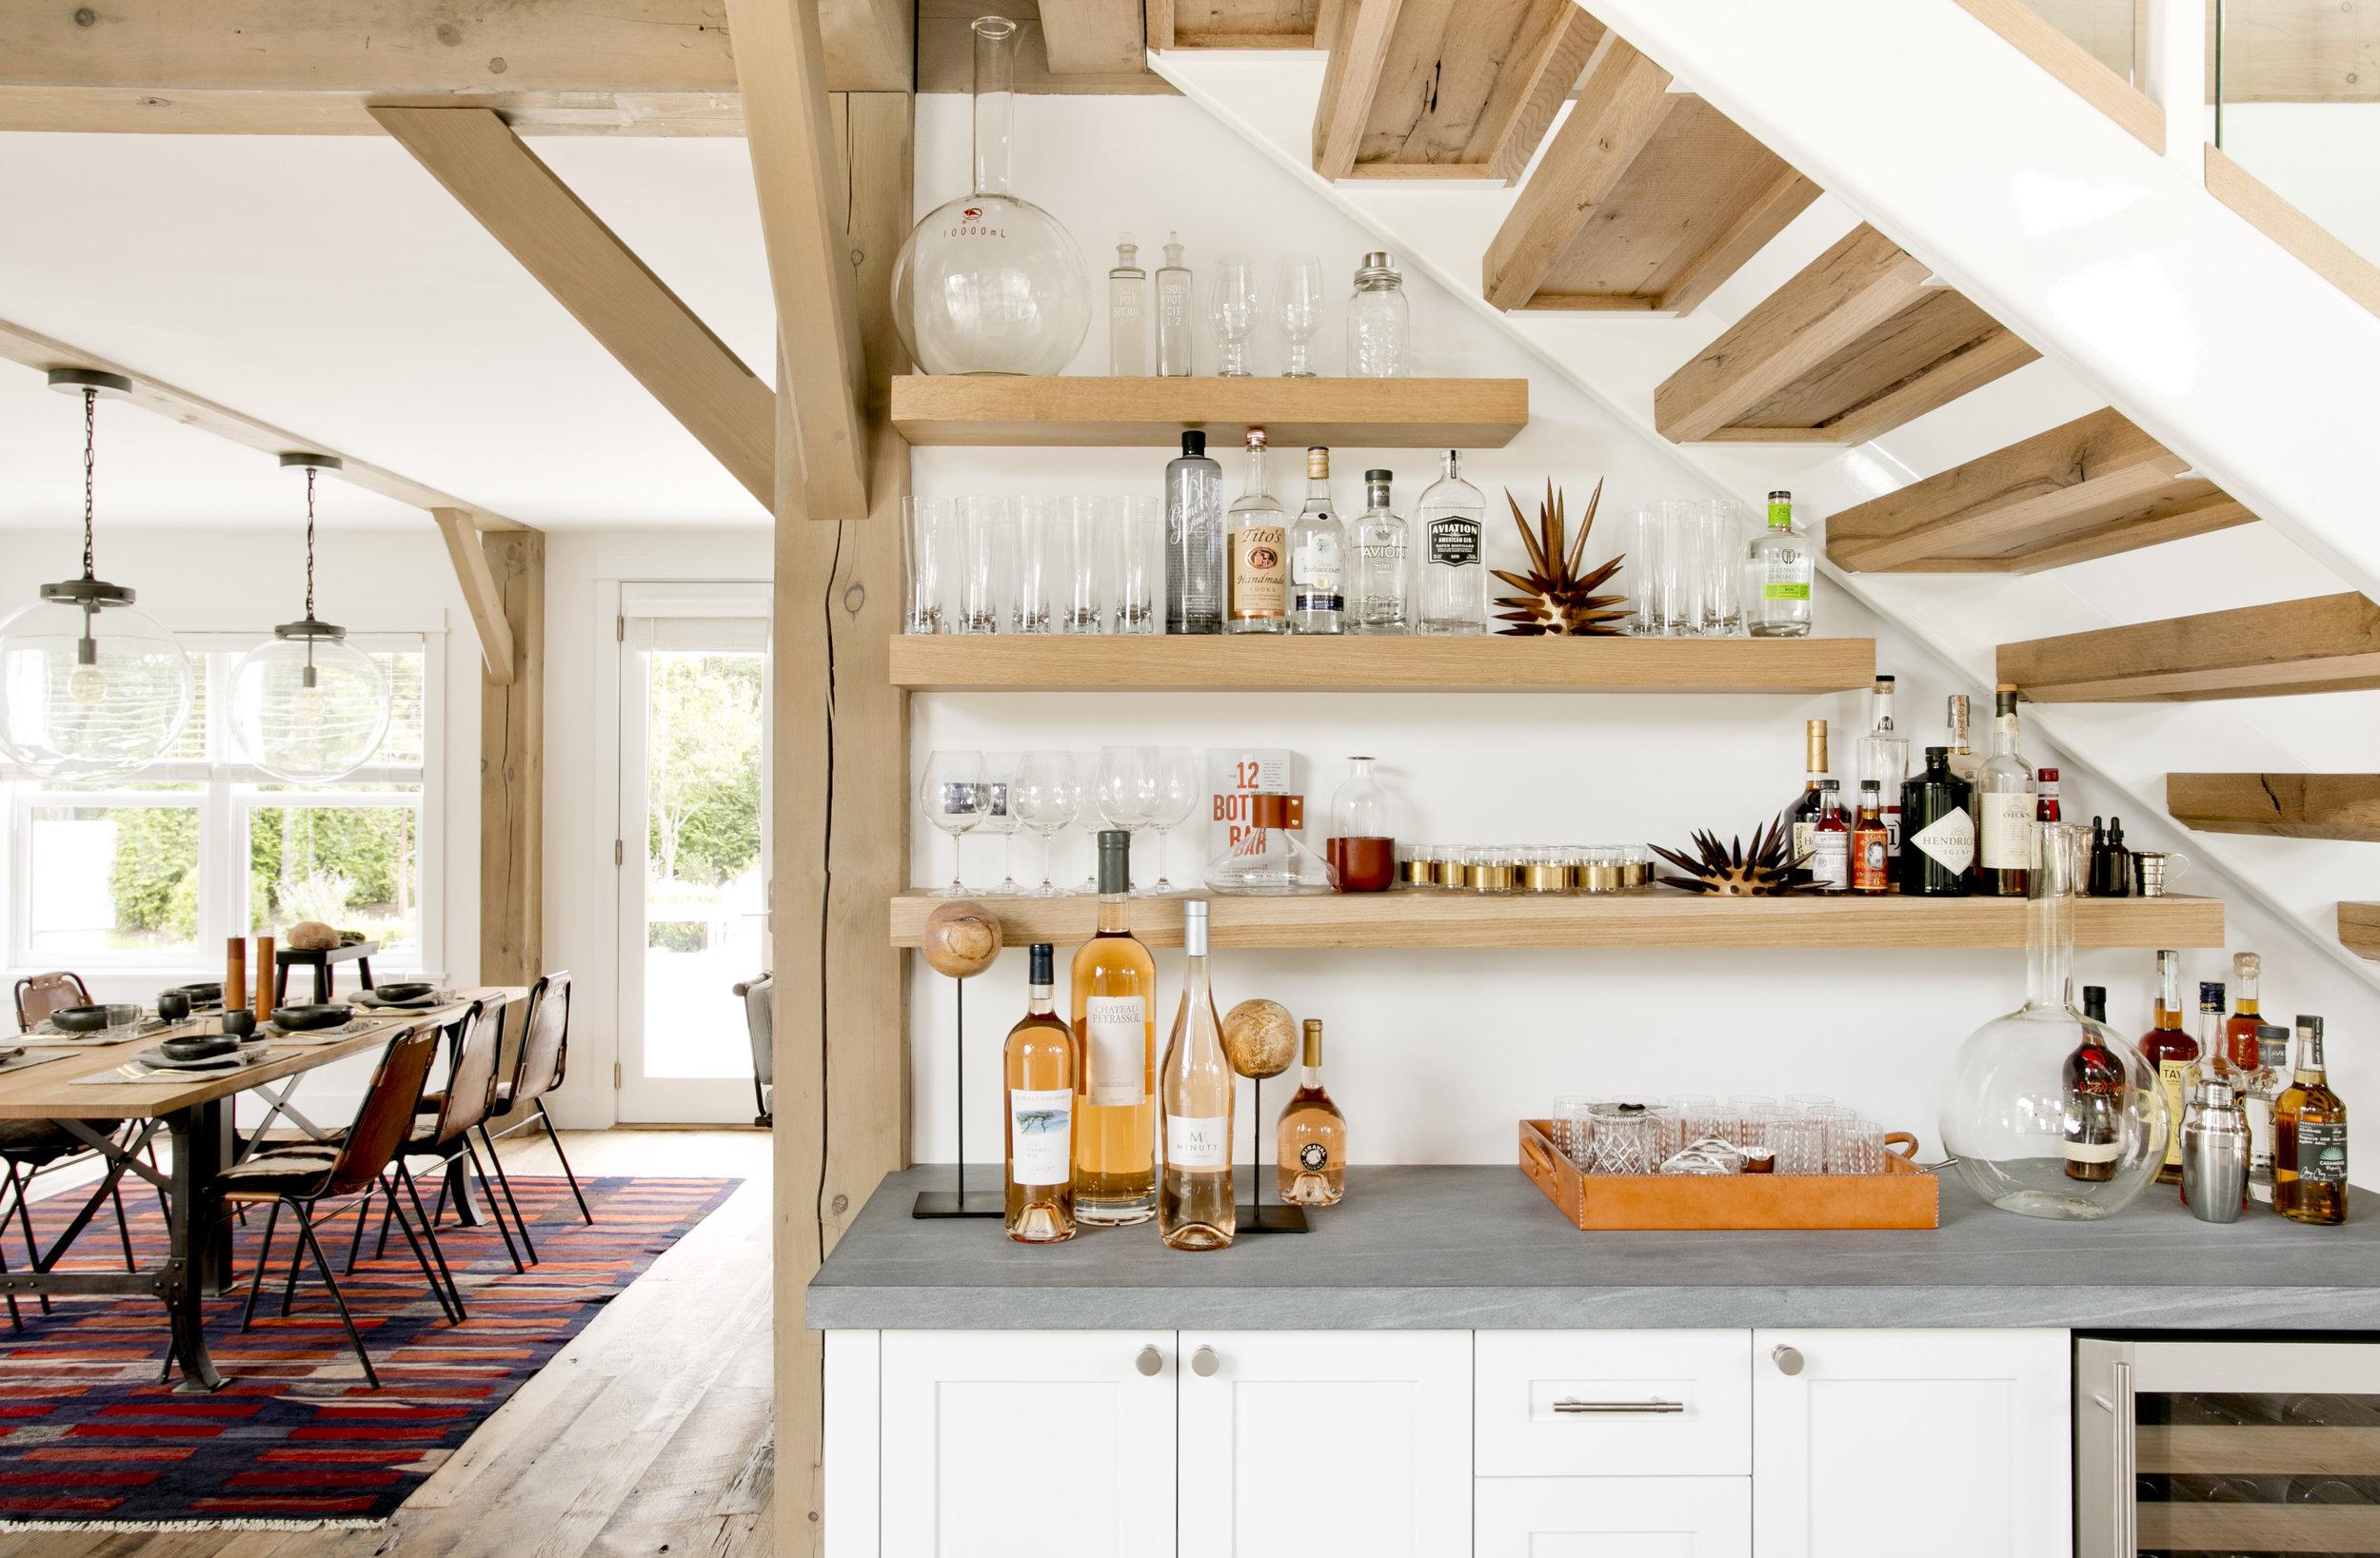 лестница ступени бар столешница винный шкаф полки посуда